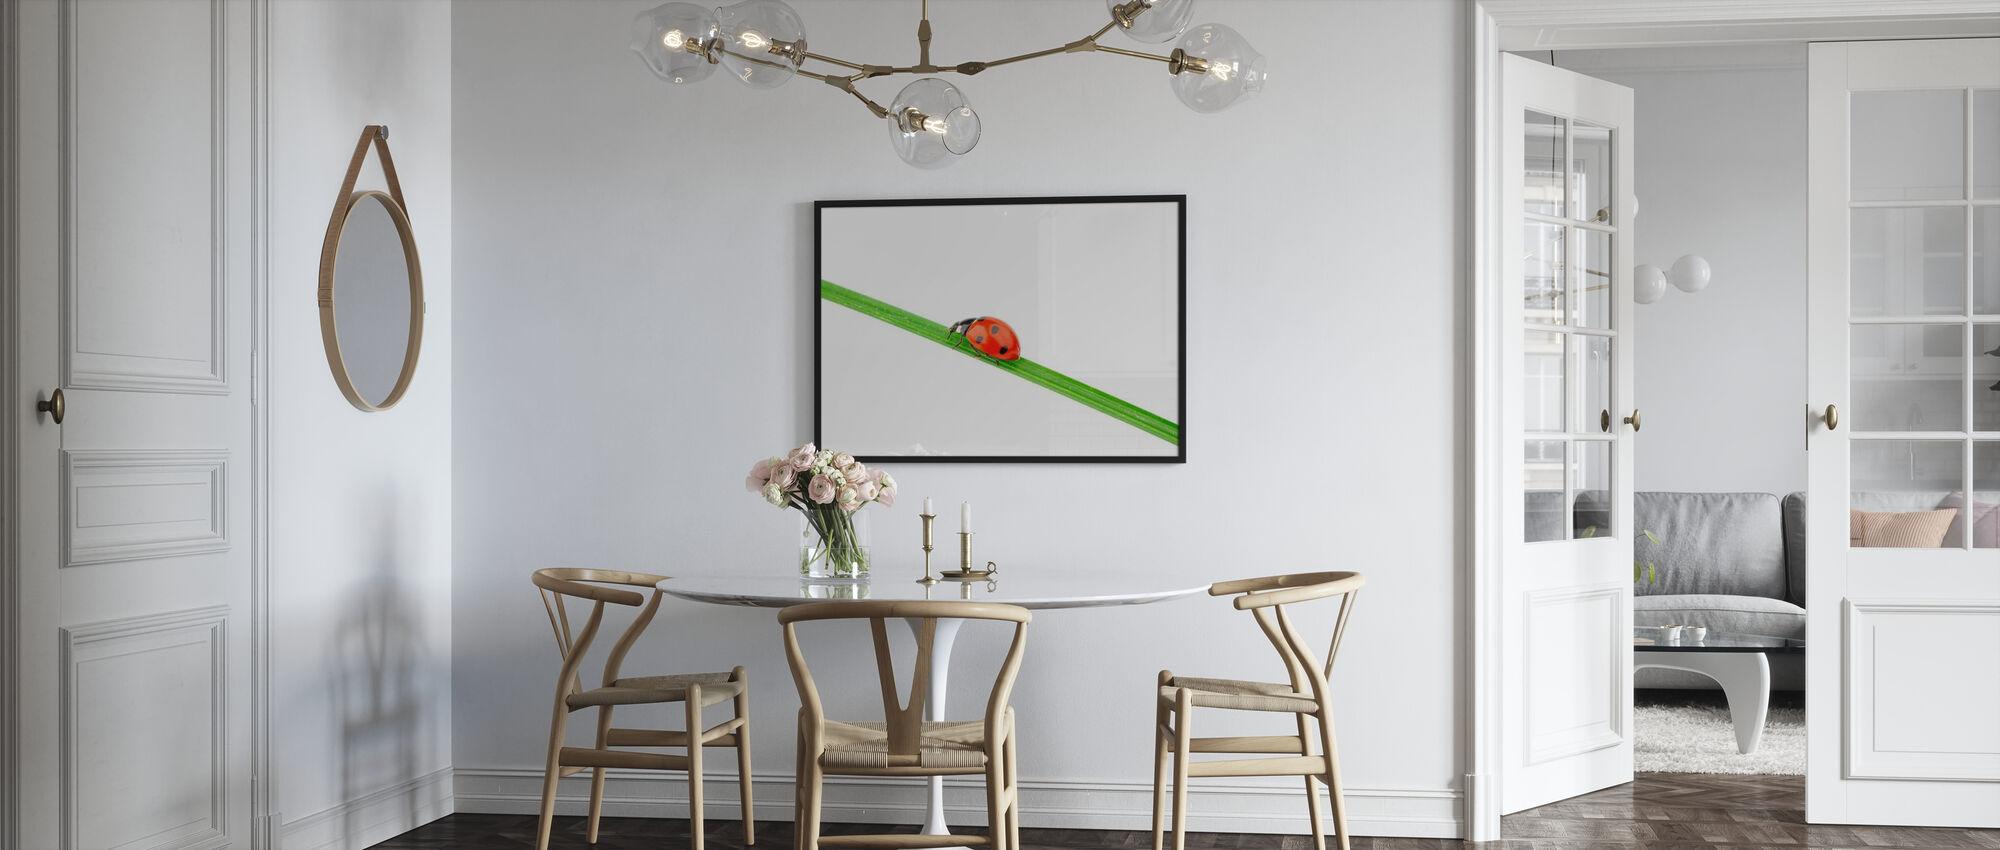 Nyckelpiga på ett halm - Inramad tavla - Kök